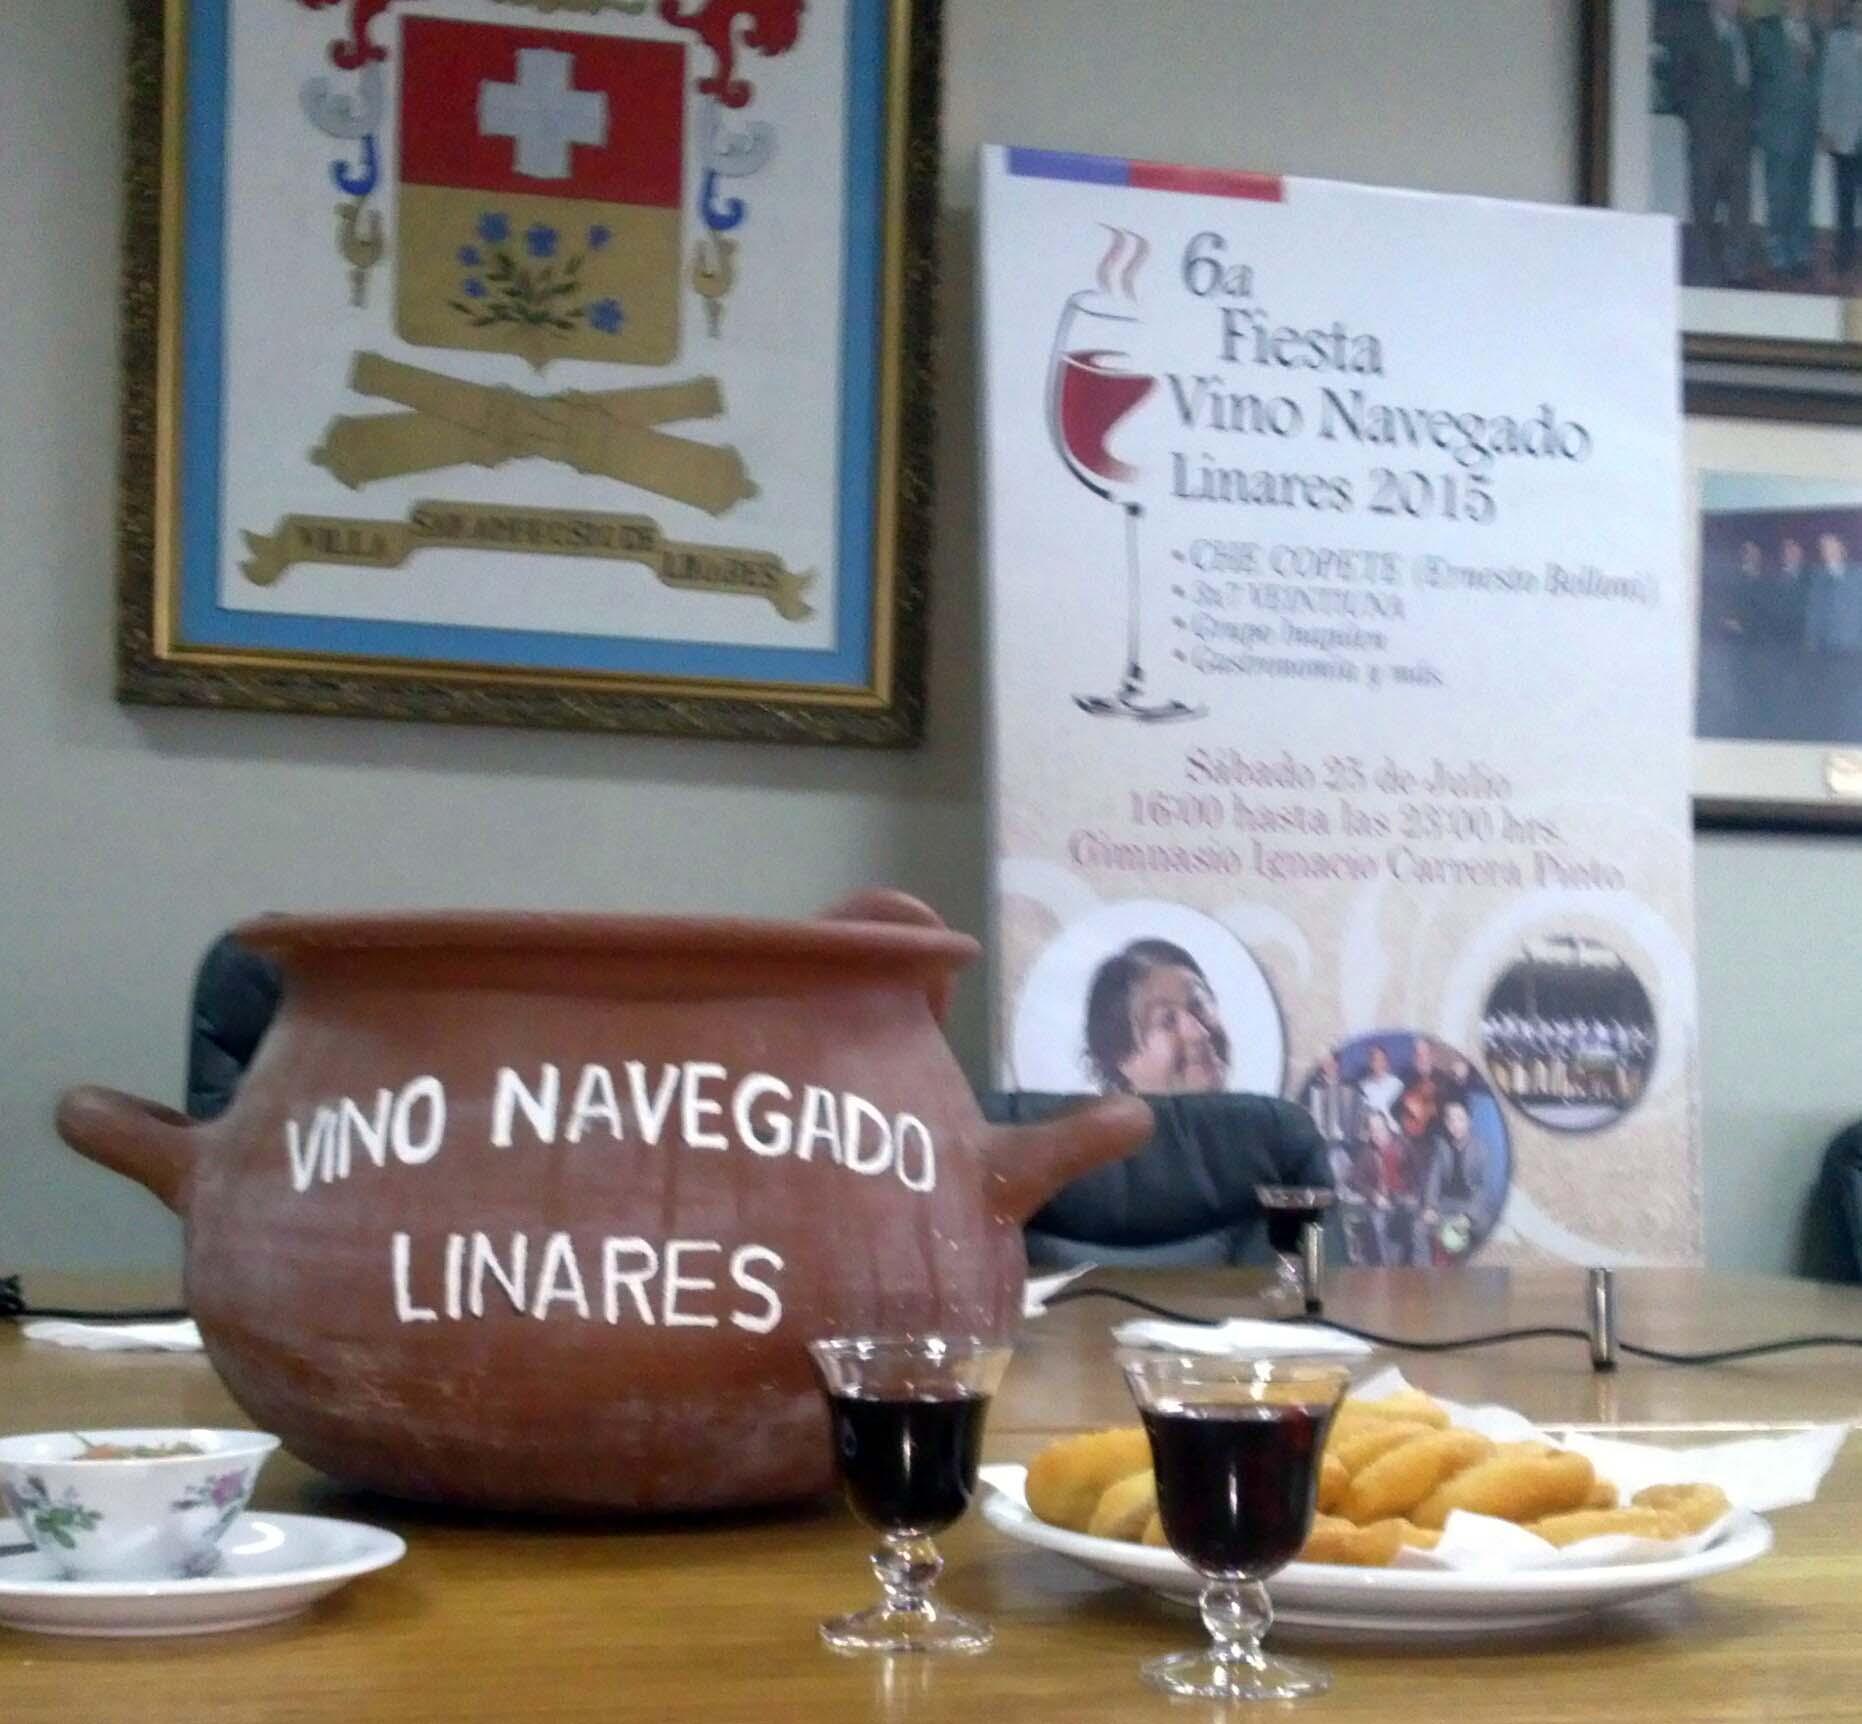 """Municipalidad de Linares invita a celebrar la """"Fiesta Nacional del Vino Navega'o"""""""